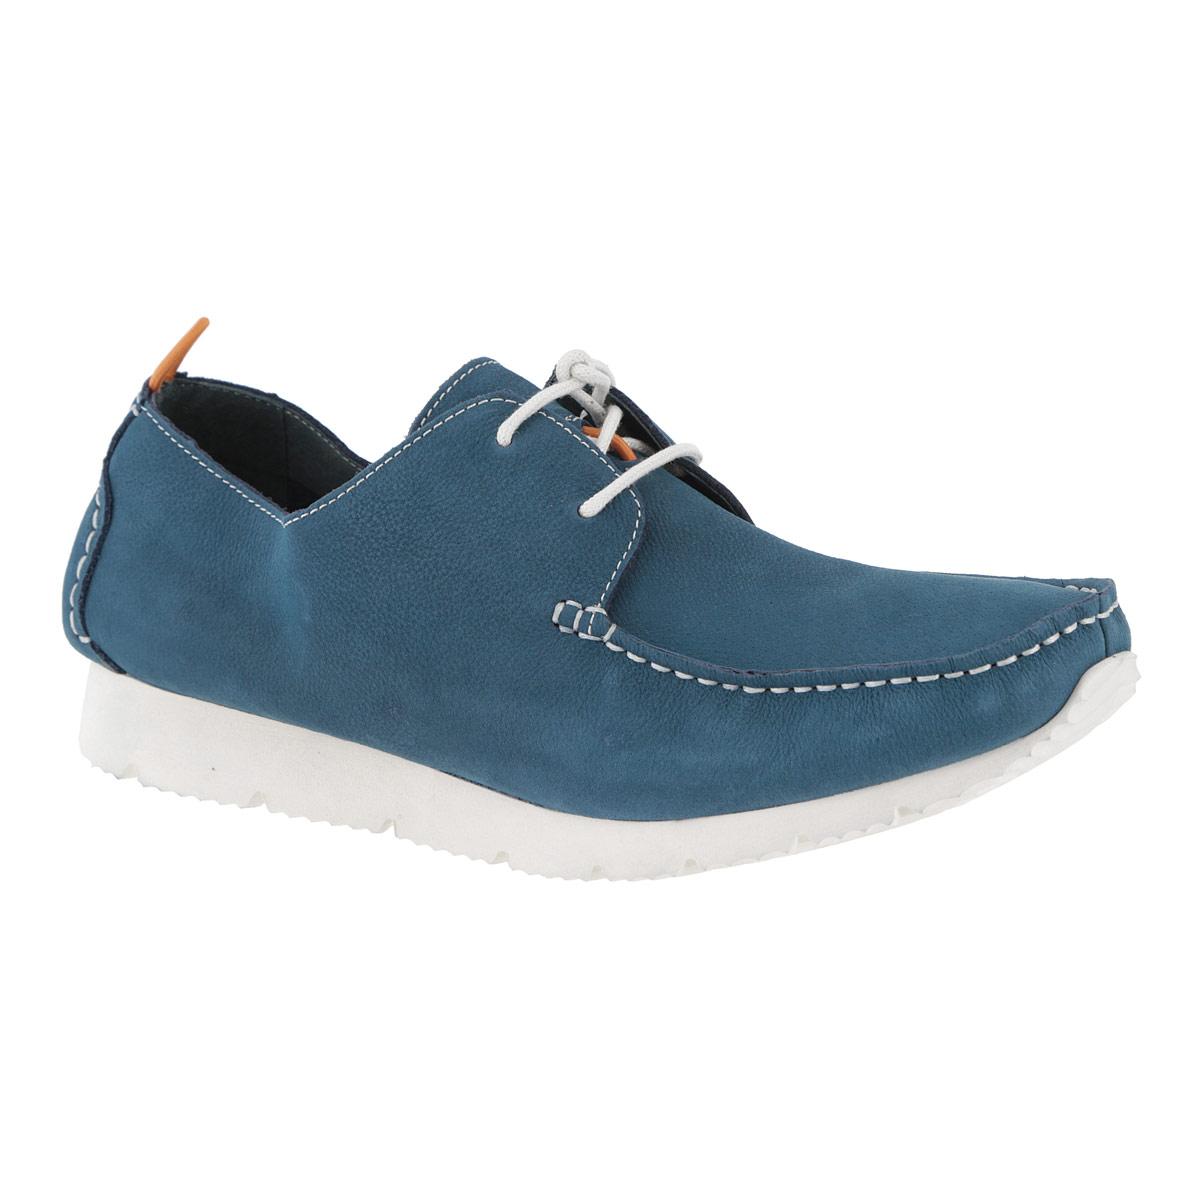 Мокасины мужские. M1353M13537Модные мужские мокасины Vitacci займут достойное место среди вашей коллекции обуви. Модель изготовлена из натурального нубука и оформлена декоративным внешним швом на мысе, накладками на заднике. Мокасины также декорированы крупной прострочкой. Шнуровка прочно зафиксирует модель на вашей ноге. Подкладка и стелька, выполненные из мягкой натуральной кожи, обеспечивают максимальный комфорт при ходьбе. Мокасины оснащены на язычке фиксатором шнурков, на заднике - небольшой петелькой для надевания обуви. Толстая рифленая подошва из вспененного полимера EVA не скользит. Удобные мокасины отлично подойдут для прогулок или дальних поездок.